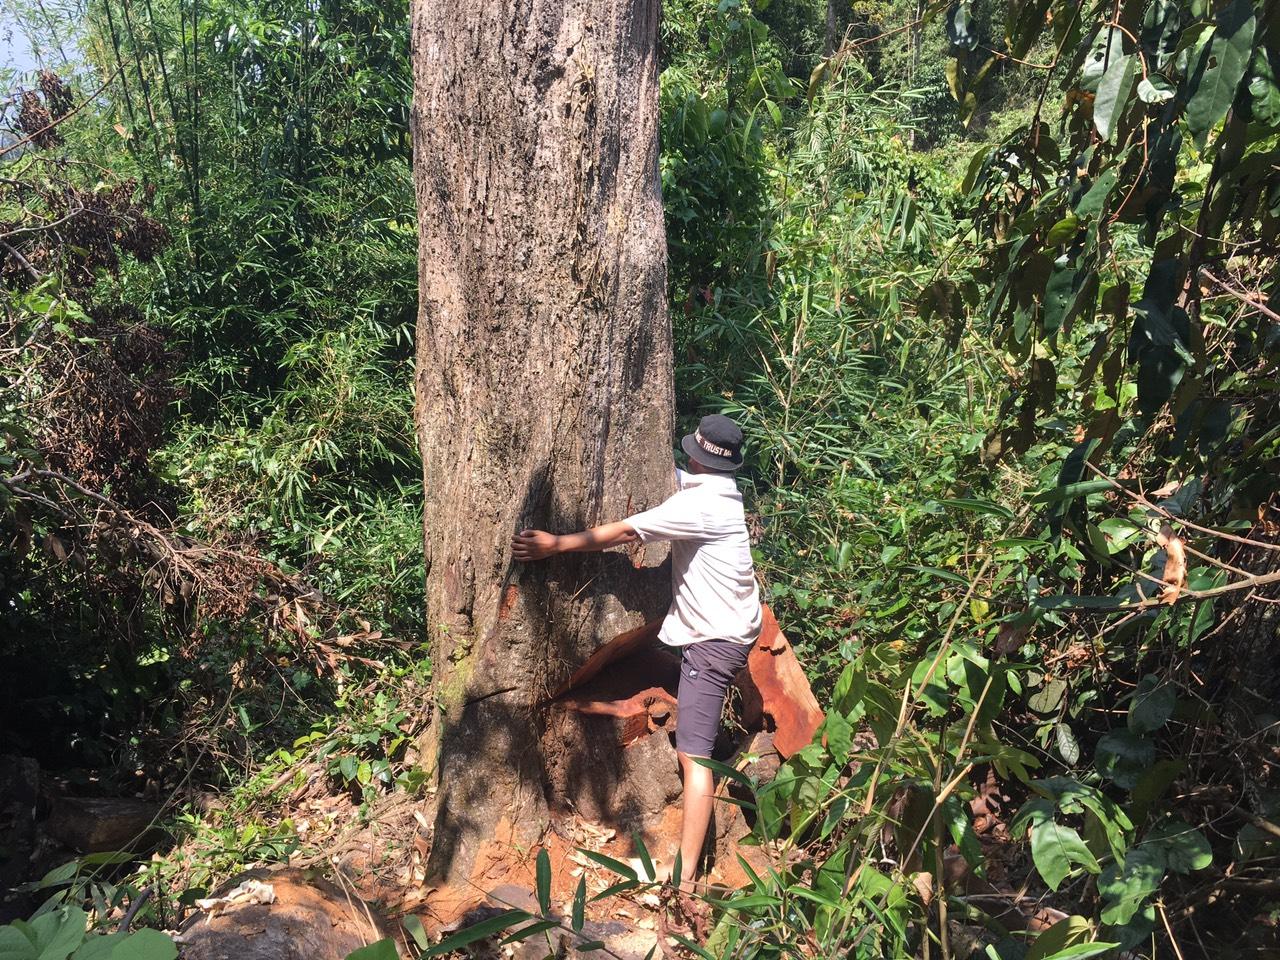 Một cây gỗ lớn bị lâm tặc cưa dở